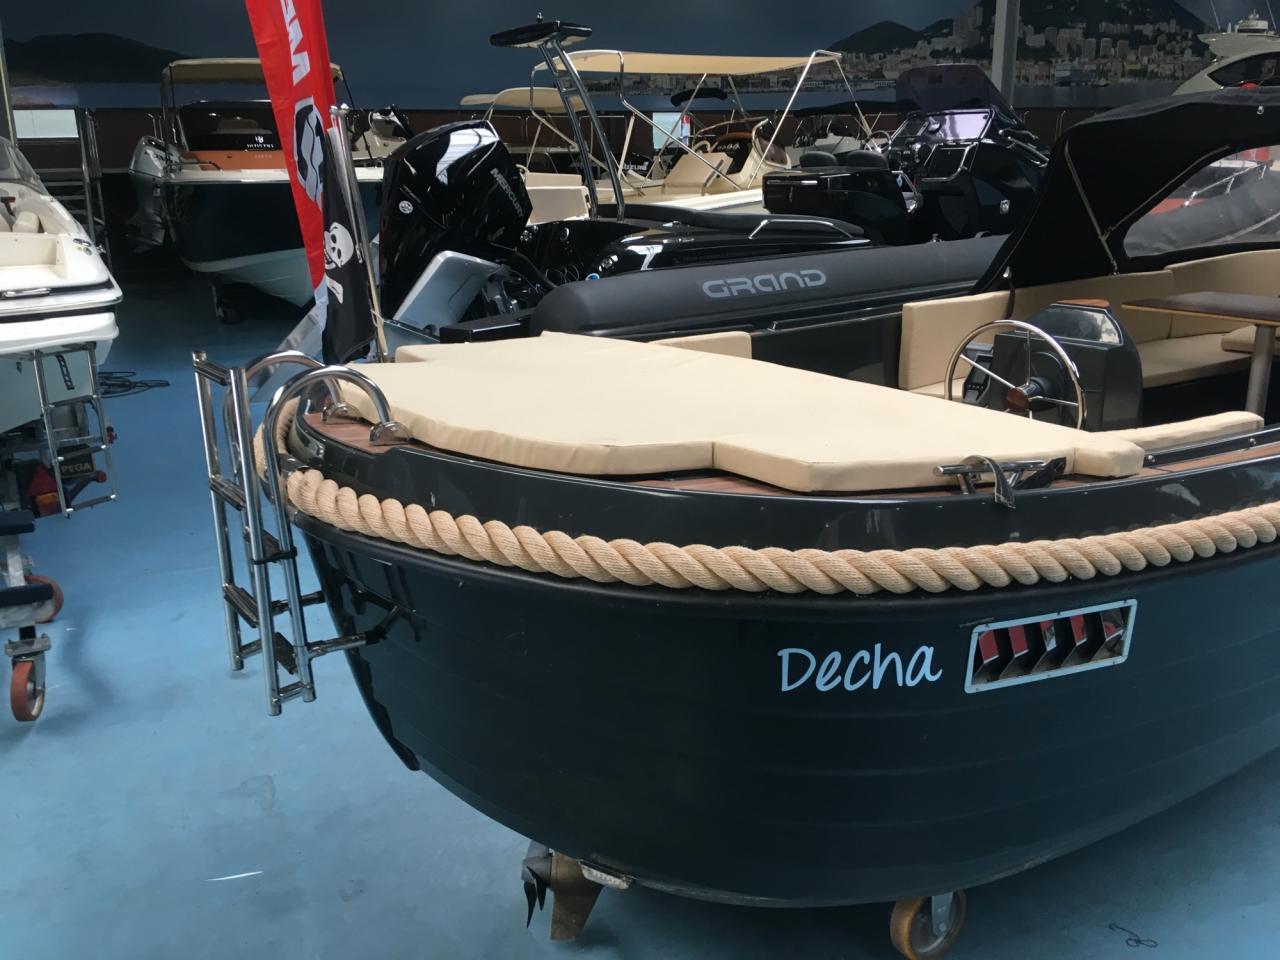 Anker 575 deluxe met Craftsman Navy 6.0 elektromotor 6